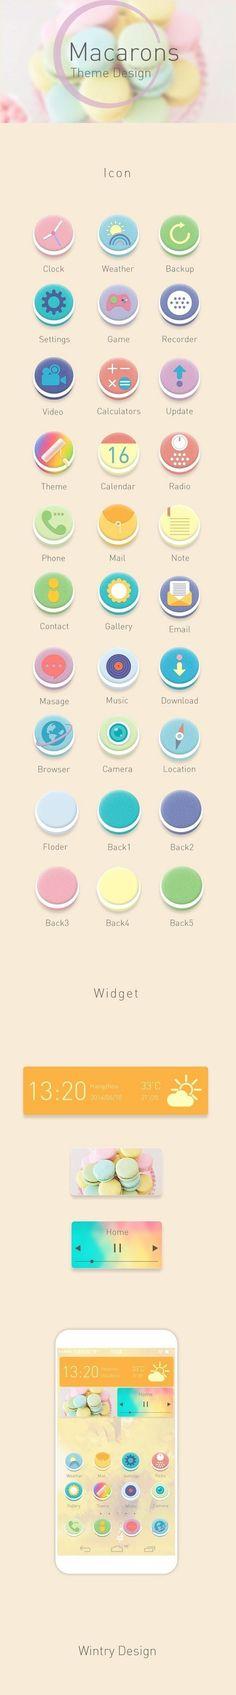 手机app主题图标设计欣赏2